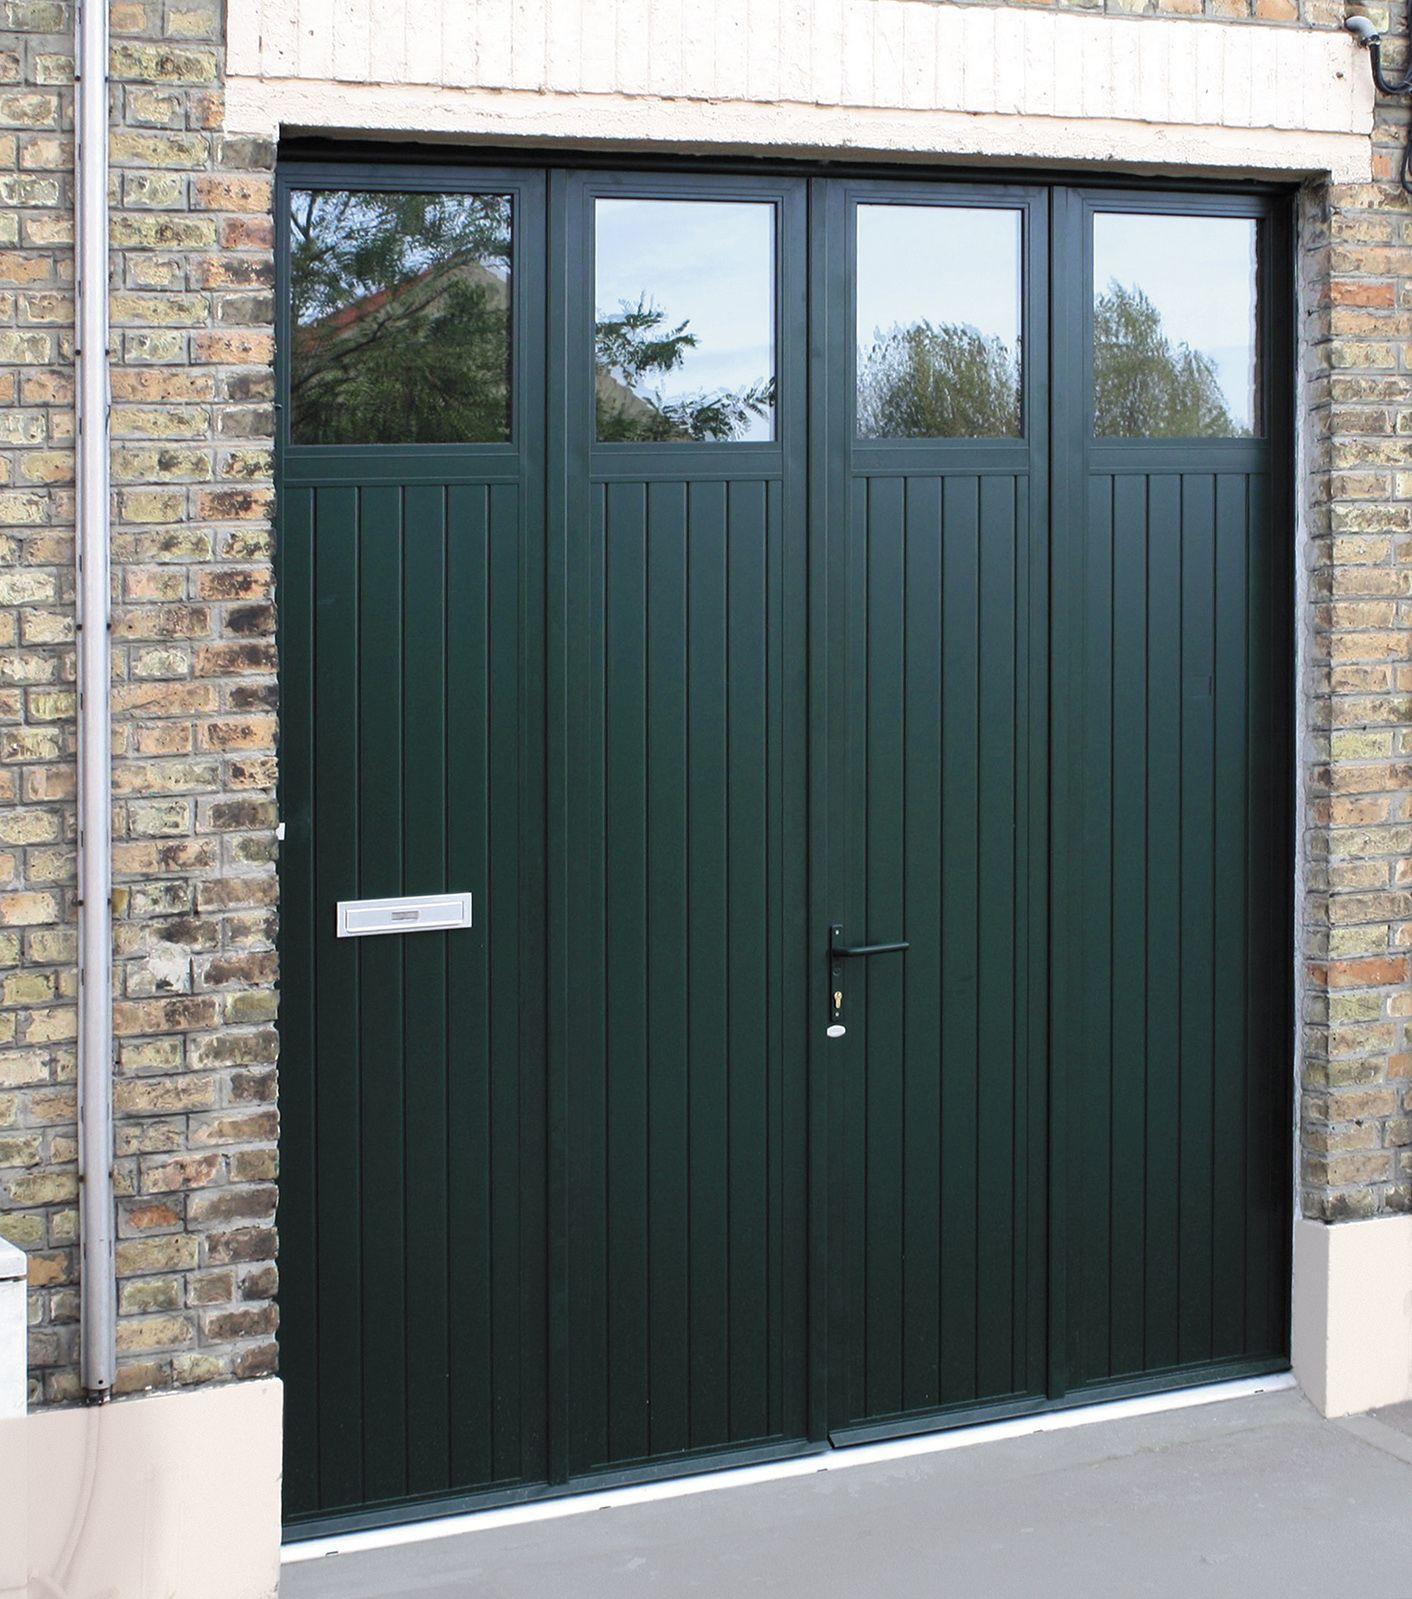 Gamme Portes Battantes Modele Luxembourg 4 Vantaux Option Decoupe Boite Aux Lettres Porte Garage Portes De Garage Moderne Idee Garage